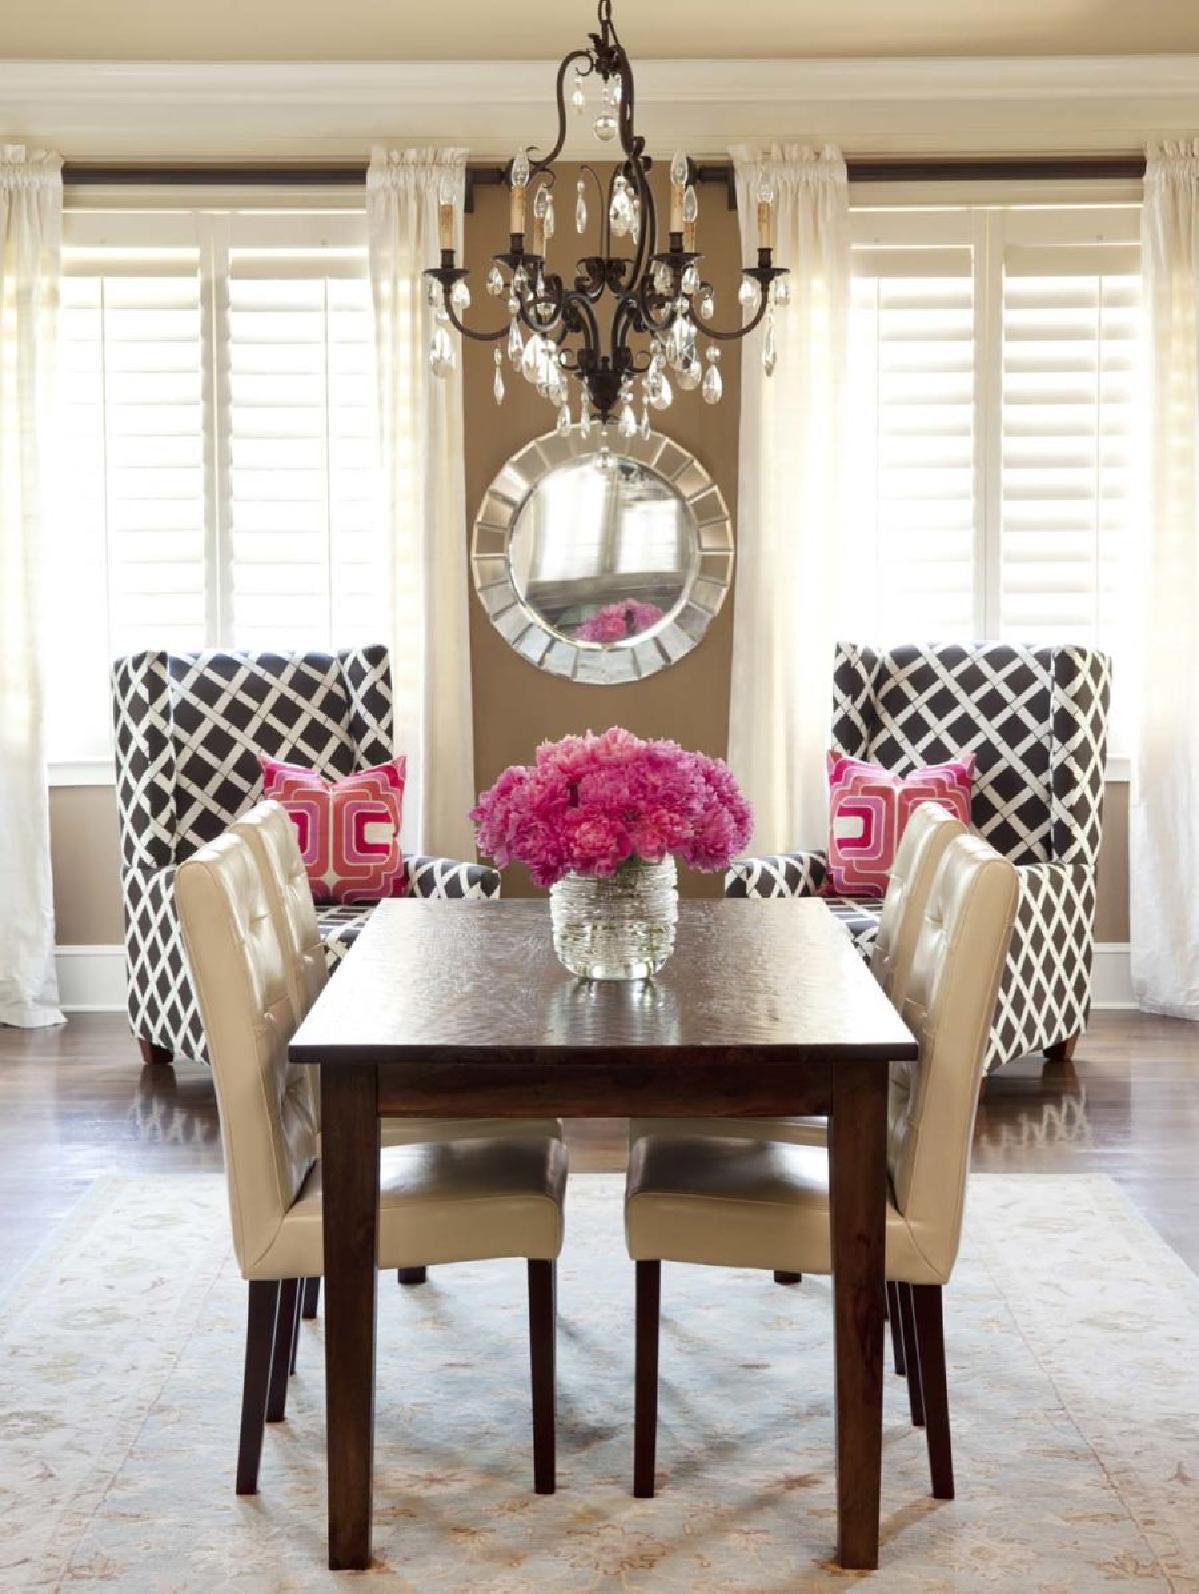 拿一个旧的扶手椅或两个看起来穿着和玷污的扶手椅,通过改变他们的内饰给他们新的目的。这样做是升级旧喜爱的绝佳方式。您将通过添加颜色和/或图案来增强房间的整体外观。